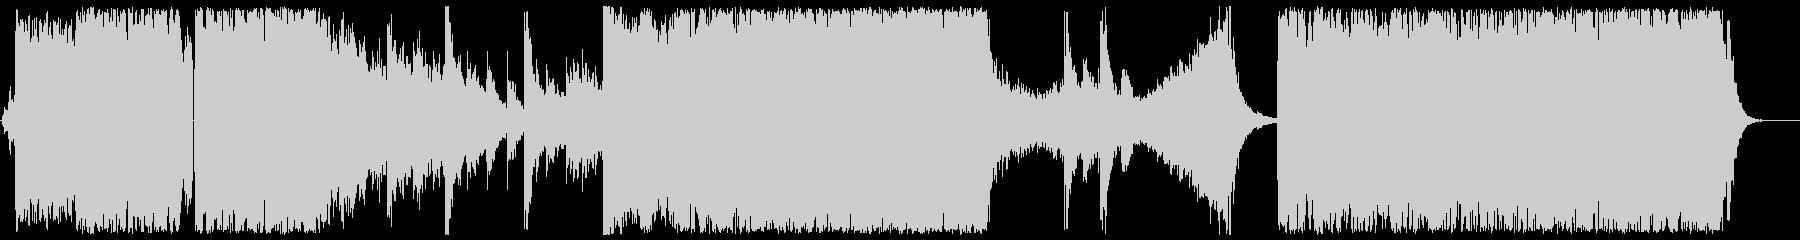 ドキドキ感とミステリアスなシンセサウンドの未再生の波形